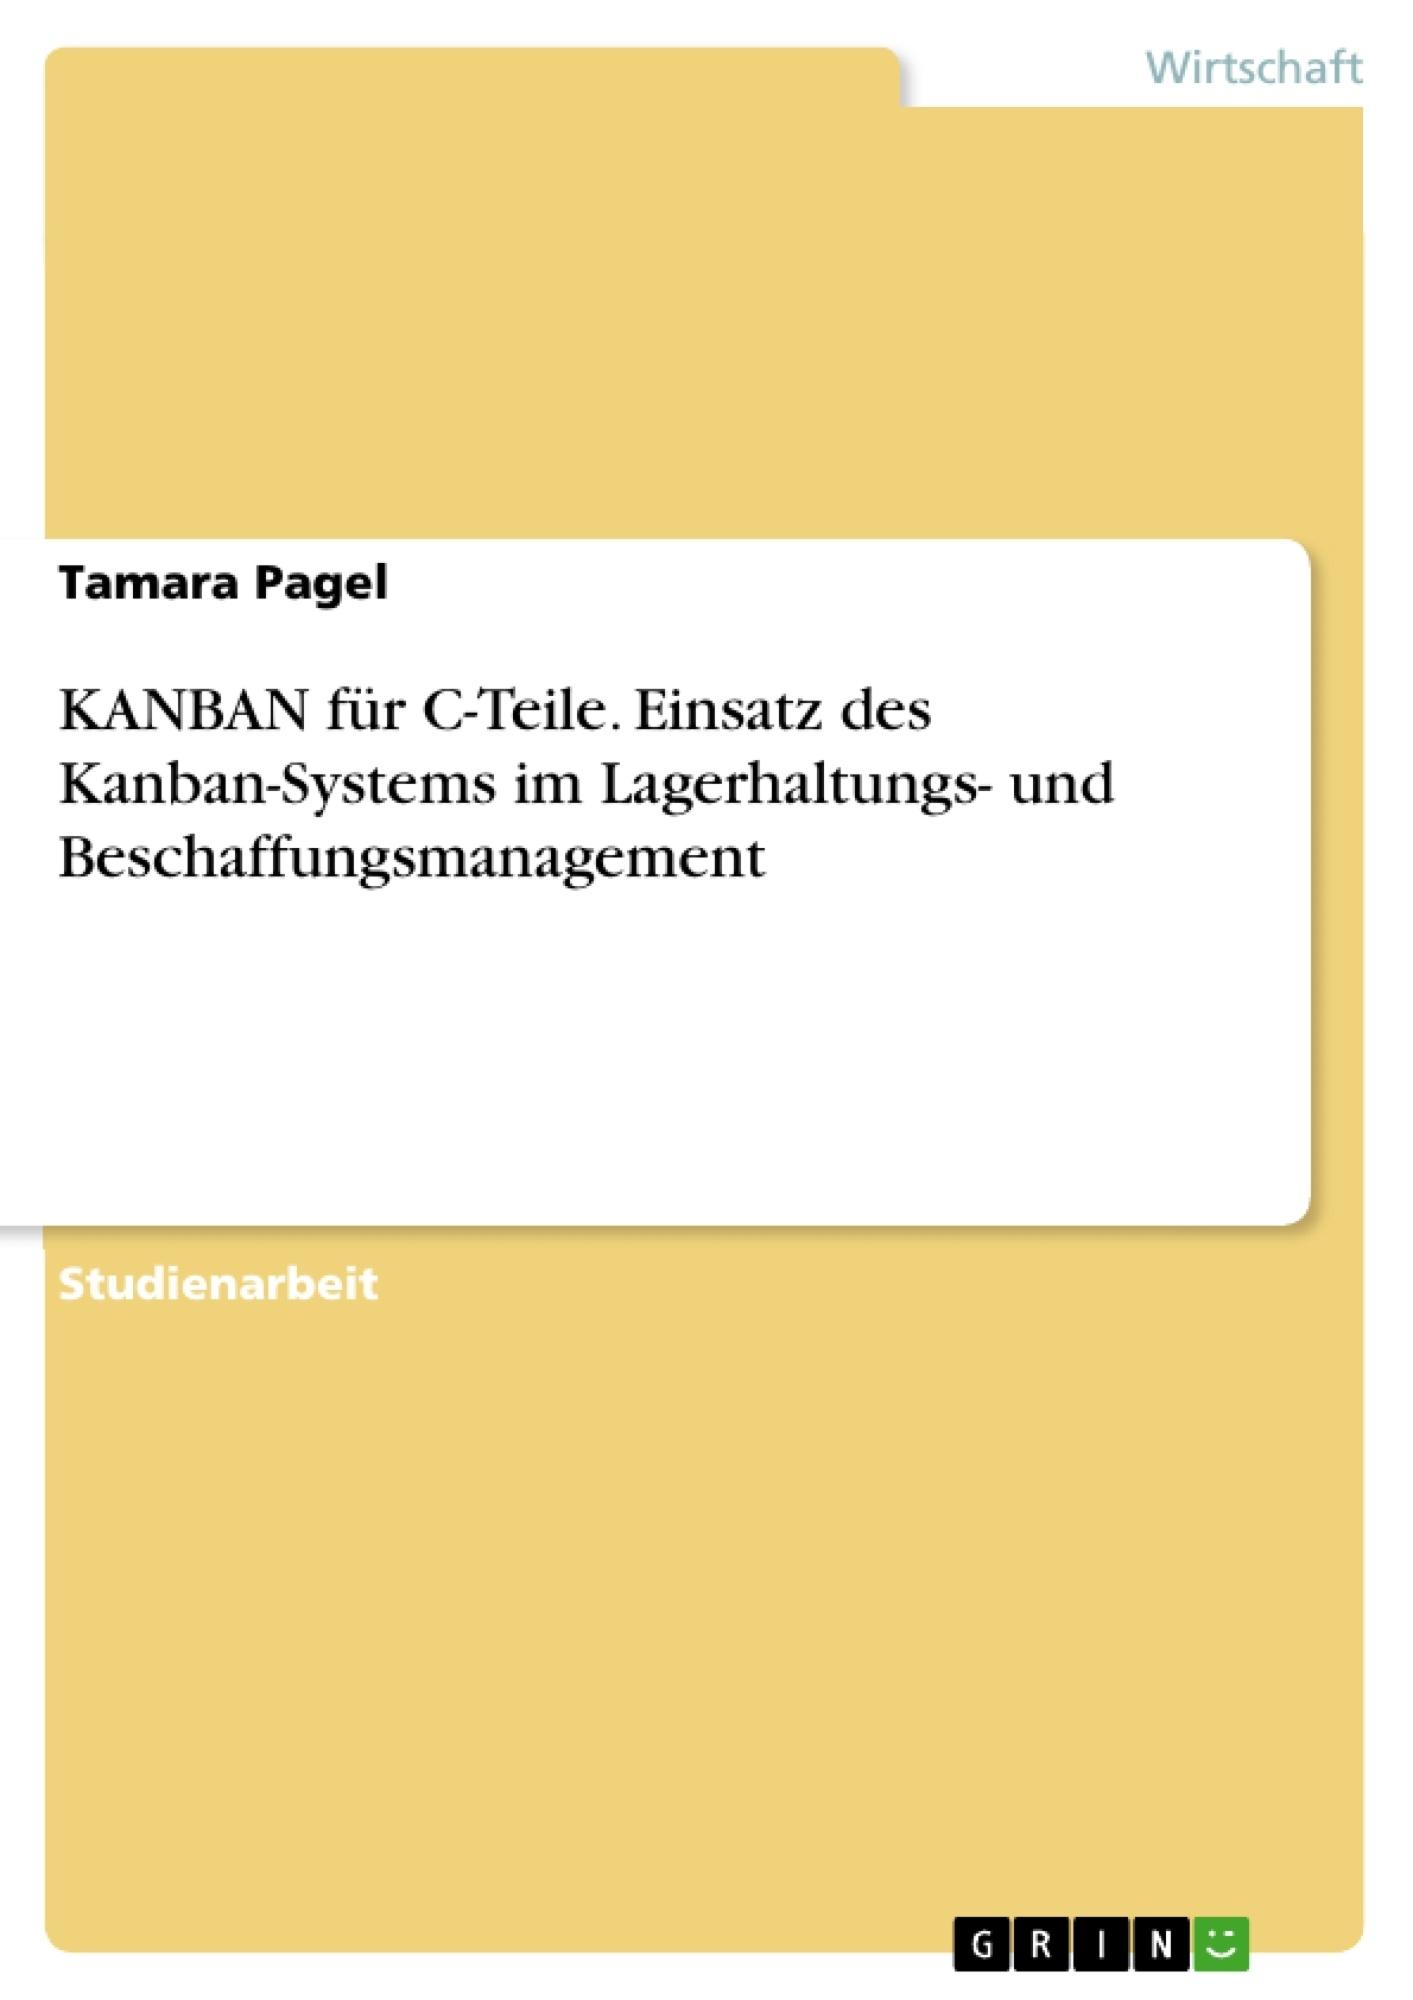 Titel: KANBAN für C-Teile. Einsatz des Kanban-Systems im Lagerhaltungs- und Beschaffungsmanagement